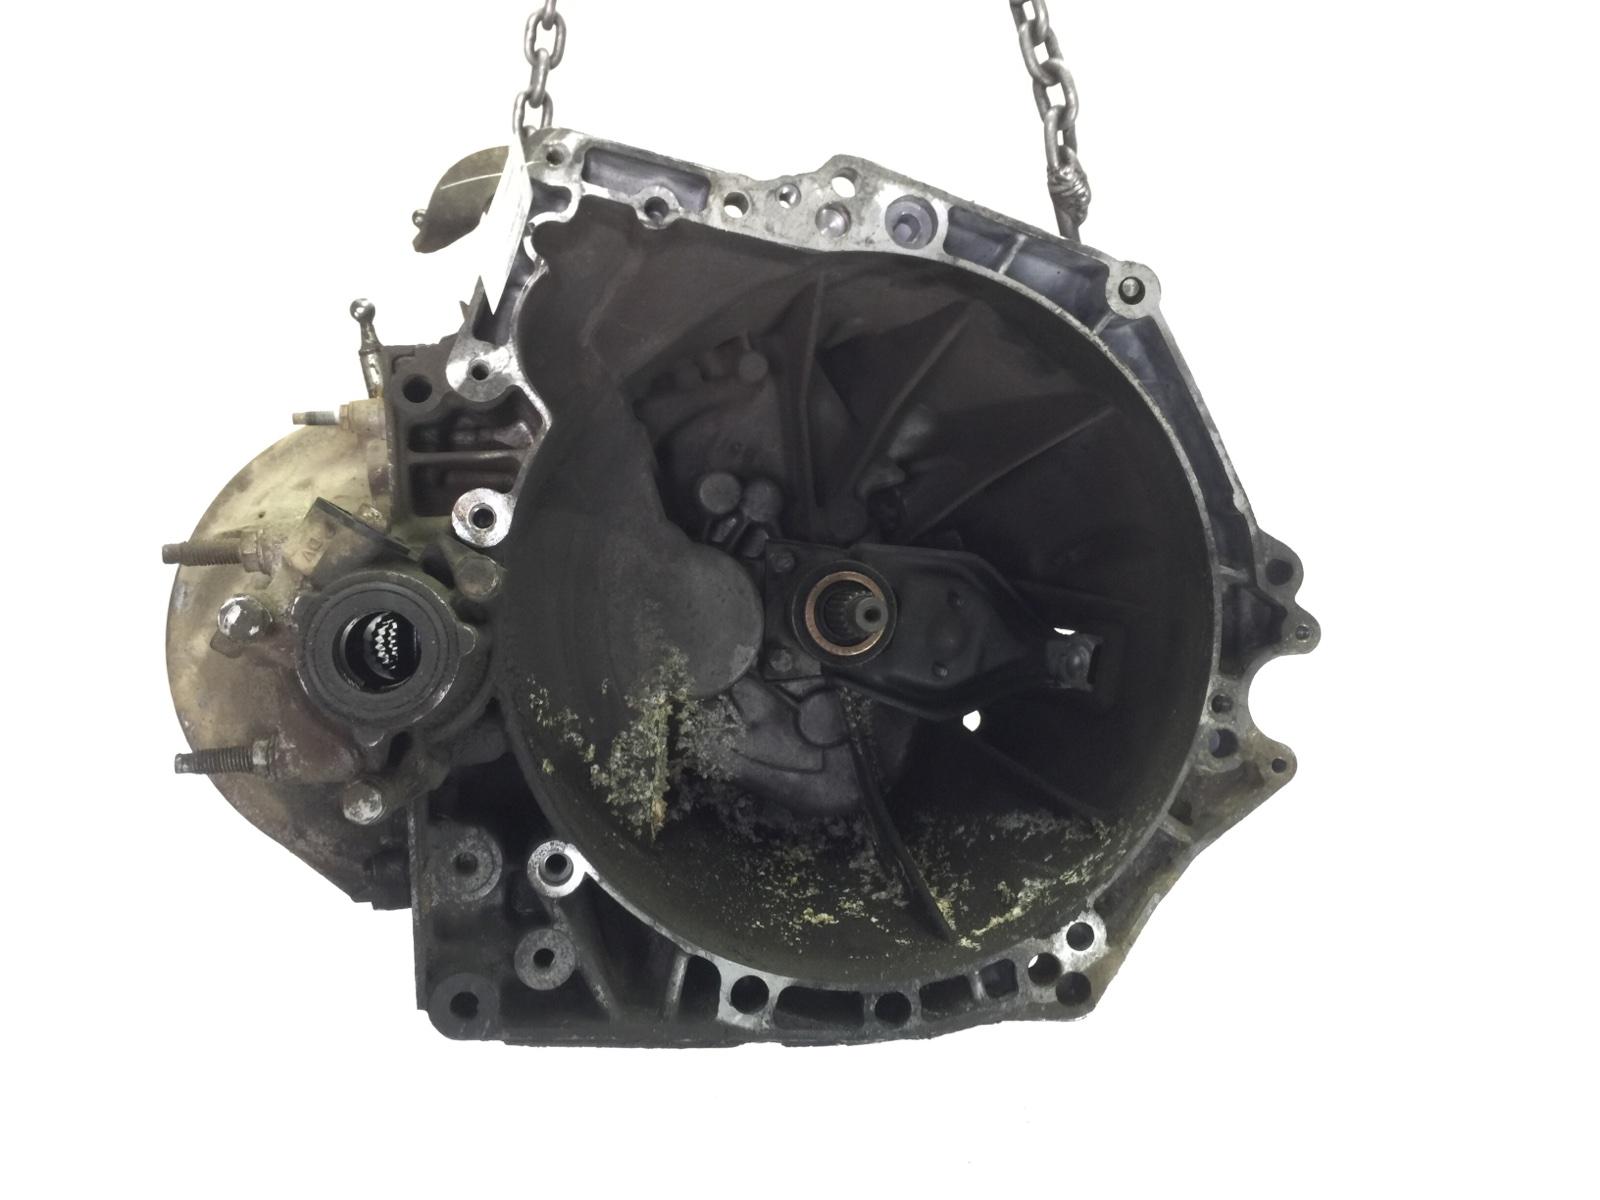 Кпп механическая (мкпп) Peugeot Partner 1.6 HDI 2008 (б/у)